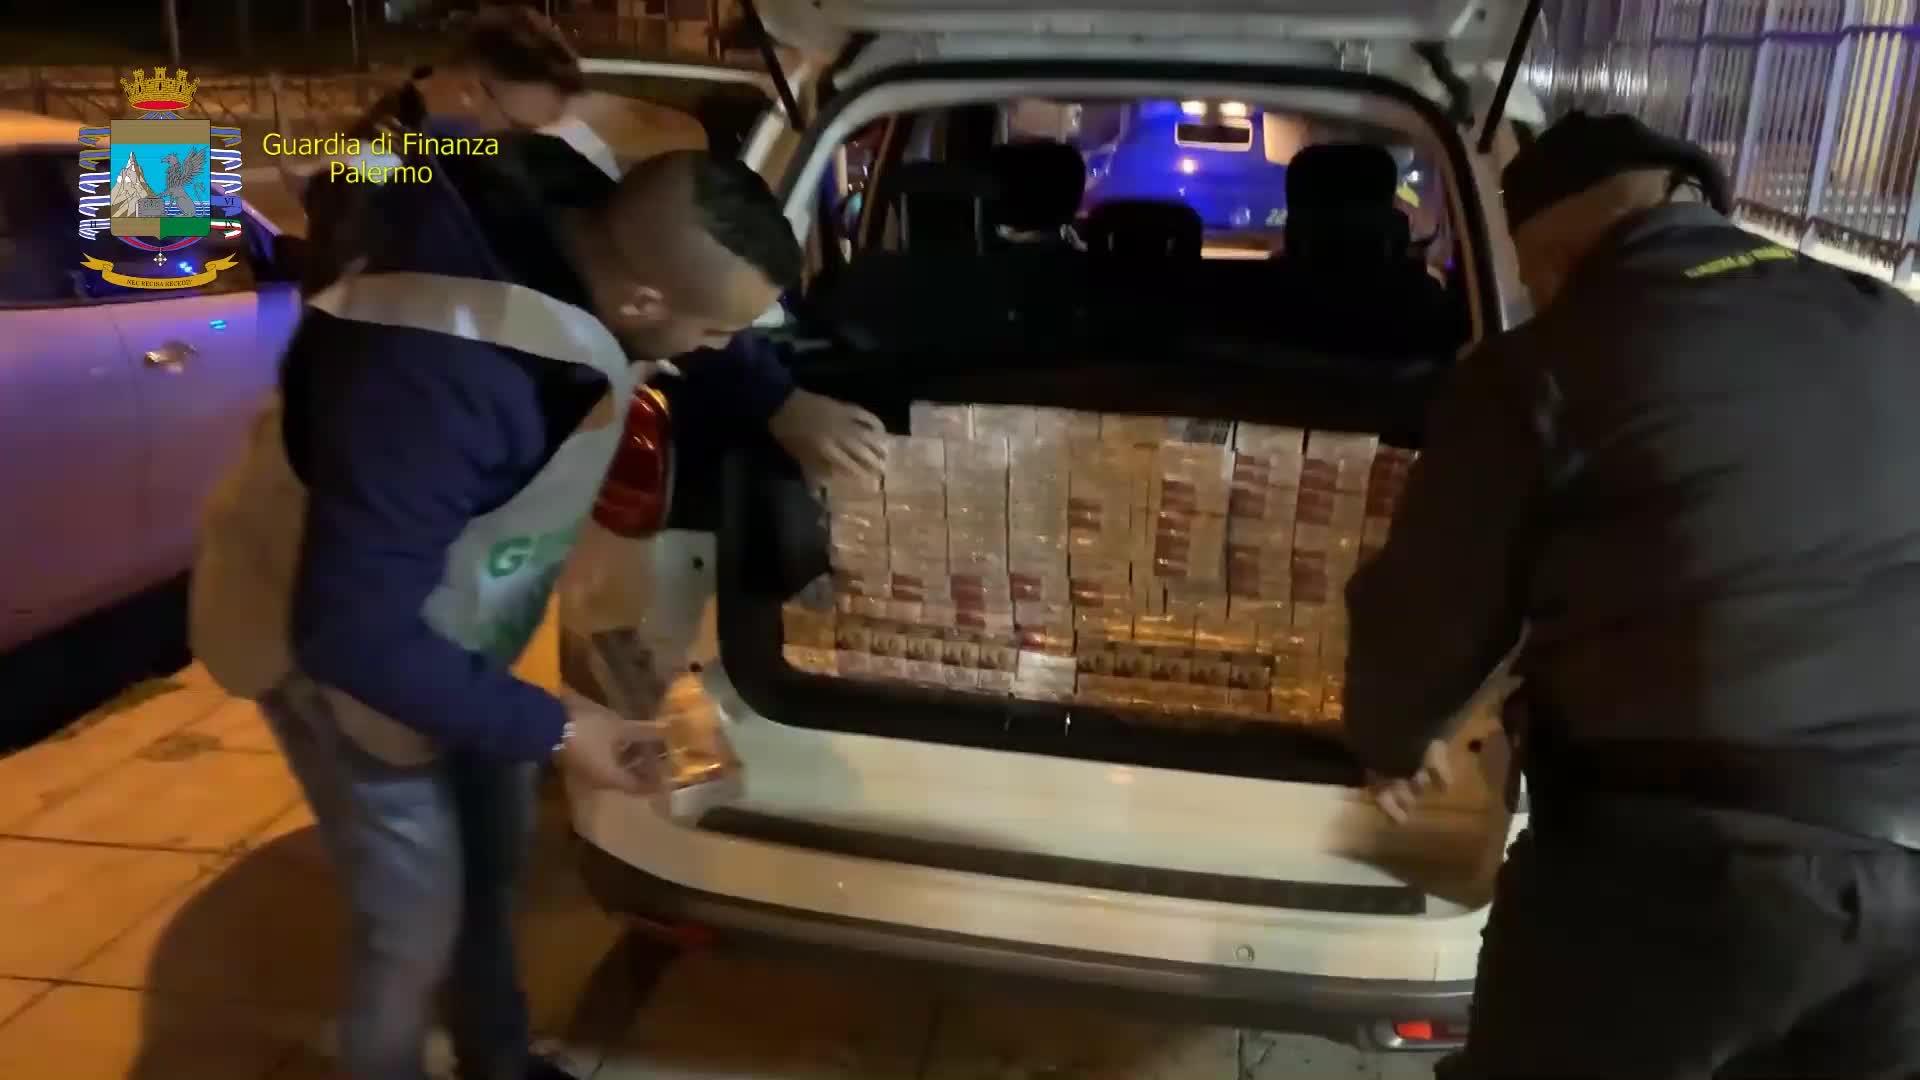 Scatta il controllo sull'auto: nel bagagliaio 500 stecche di sigarette